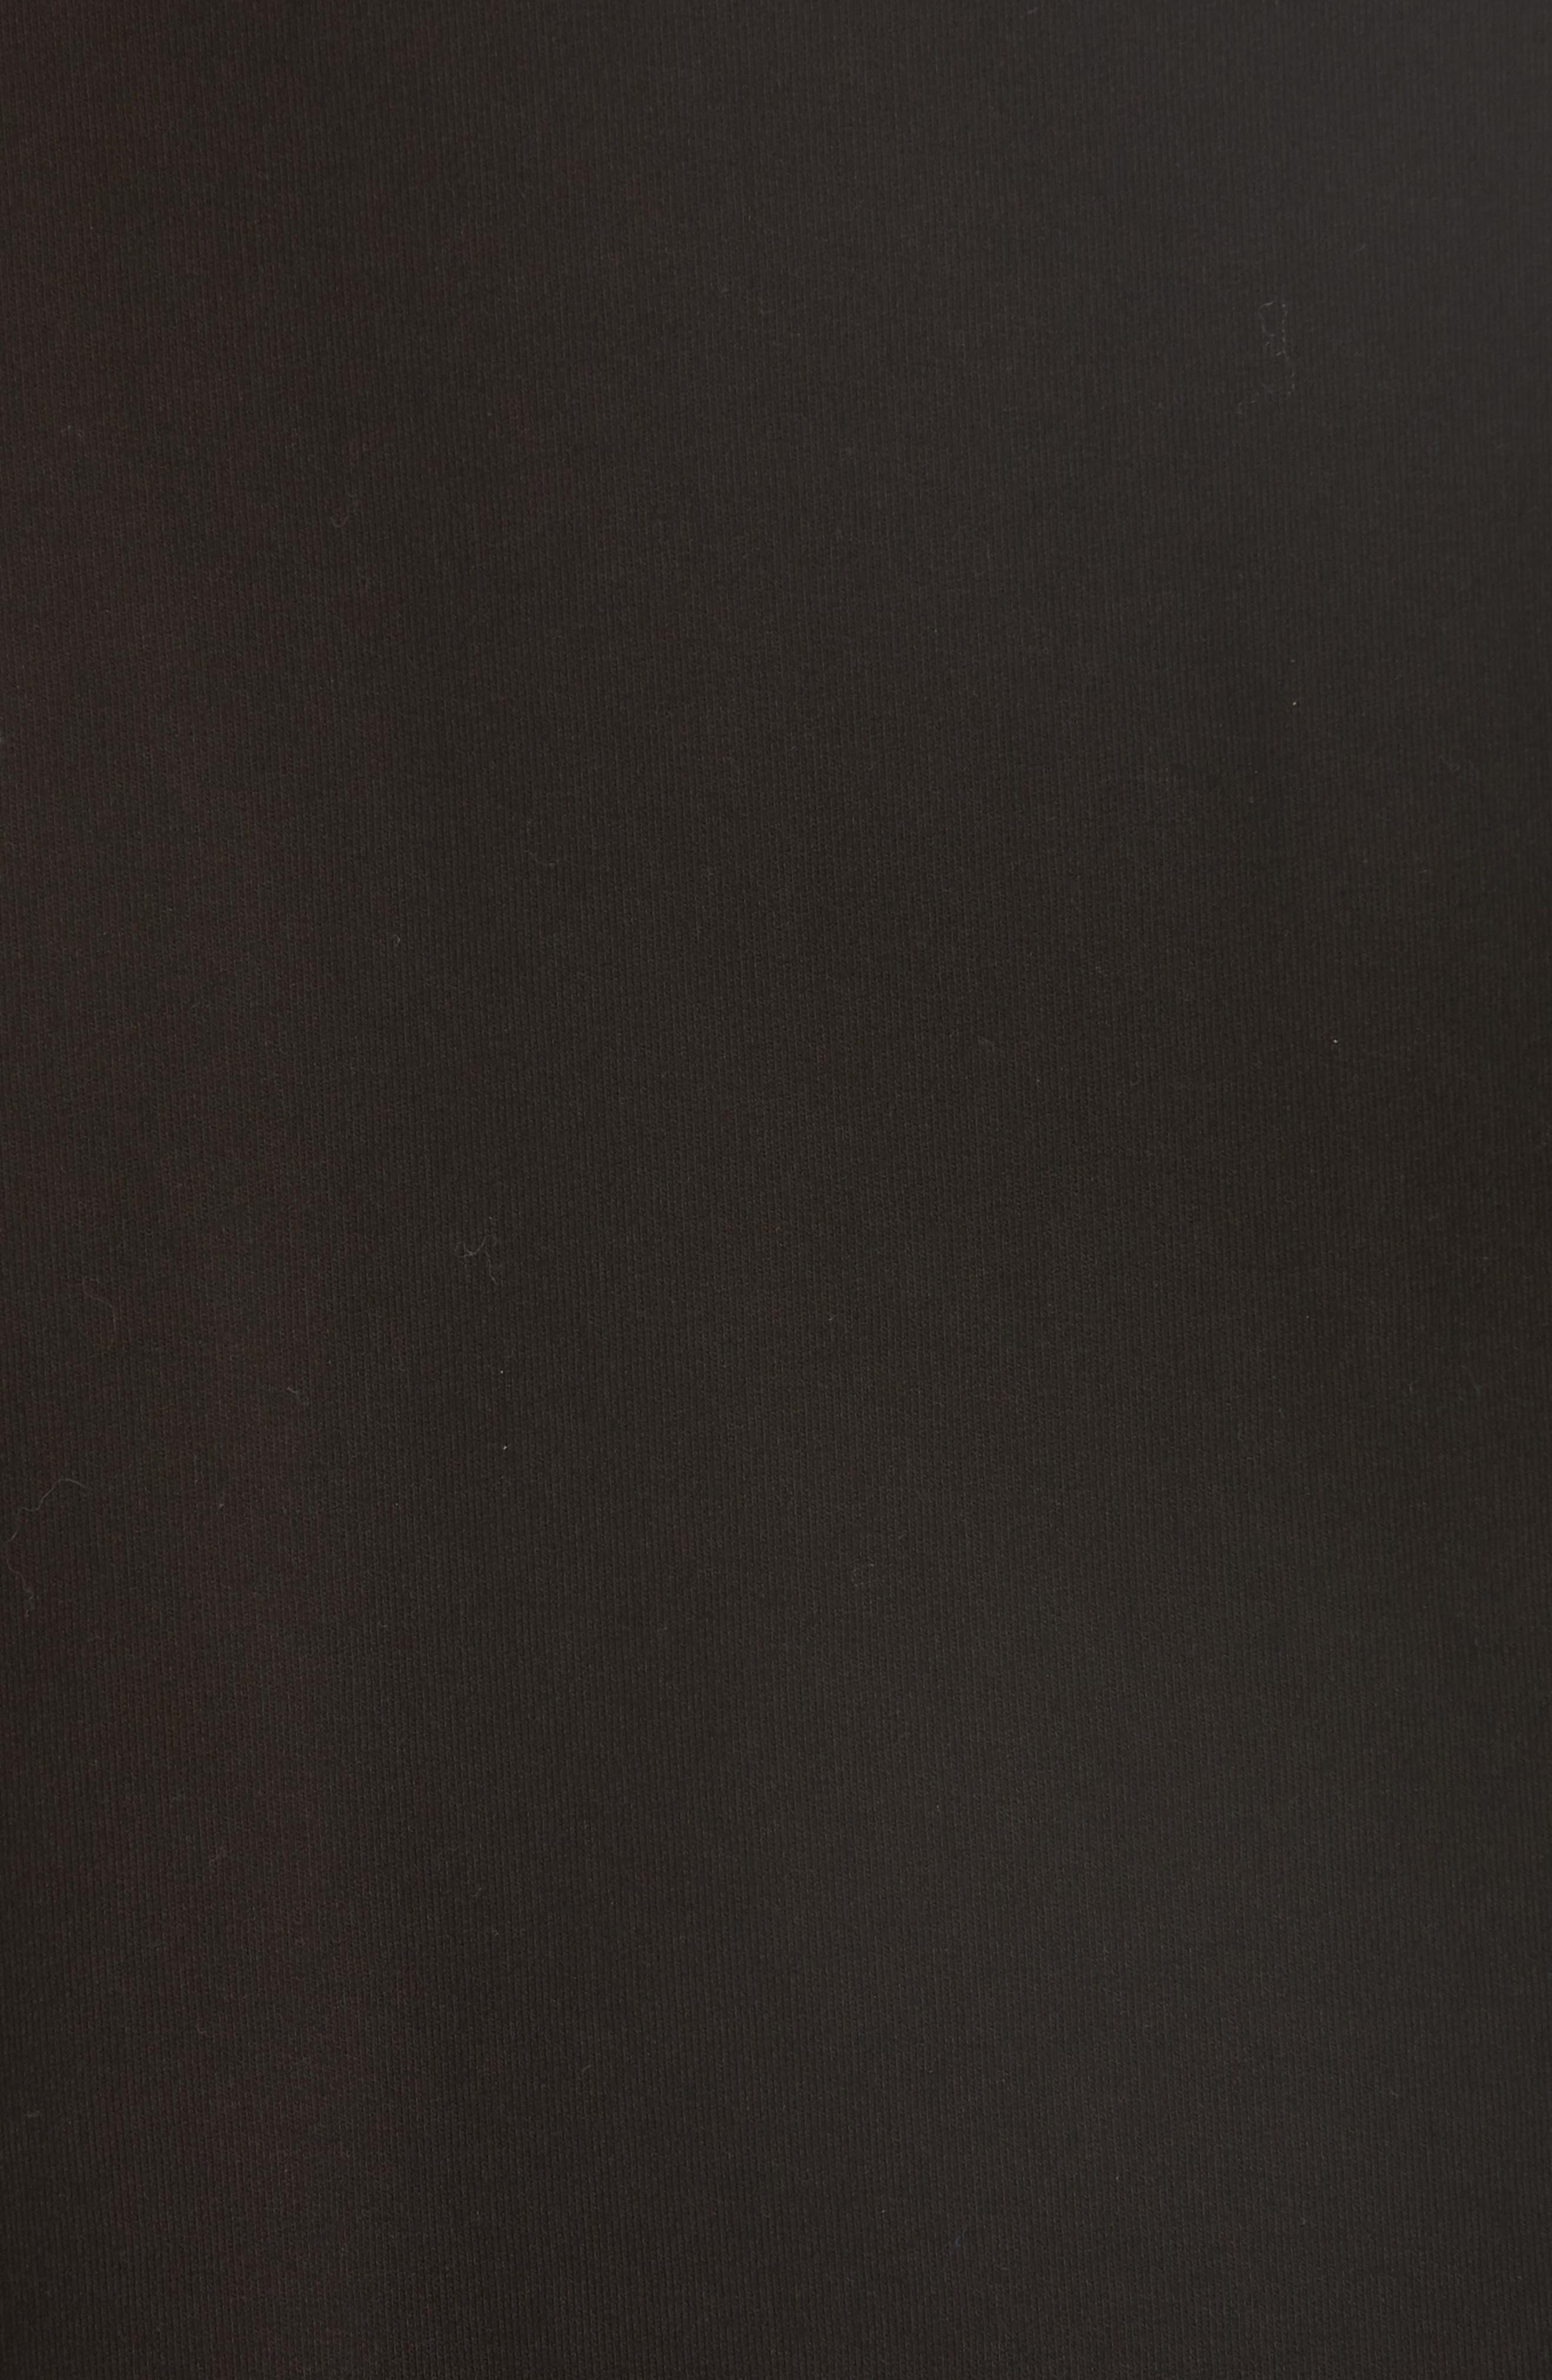 Tulle Sleeve Sweatshirt,                             Alternate thumbnail 5, color,                             Black